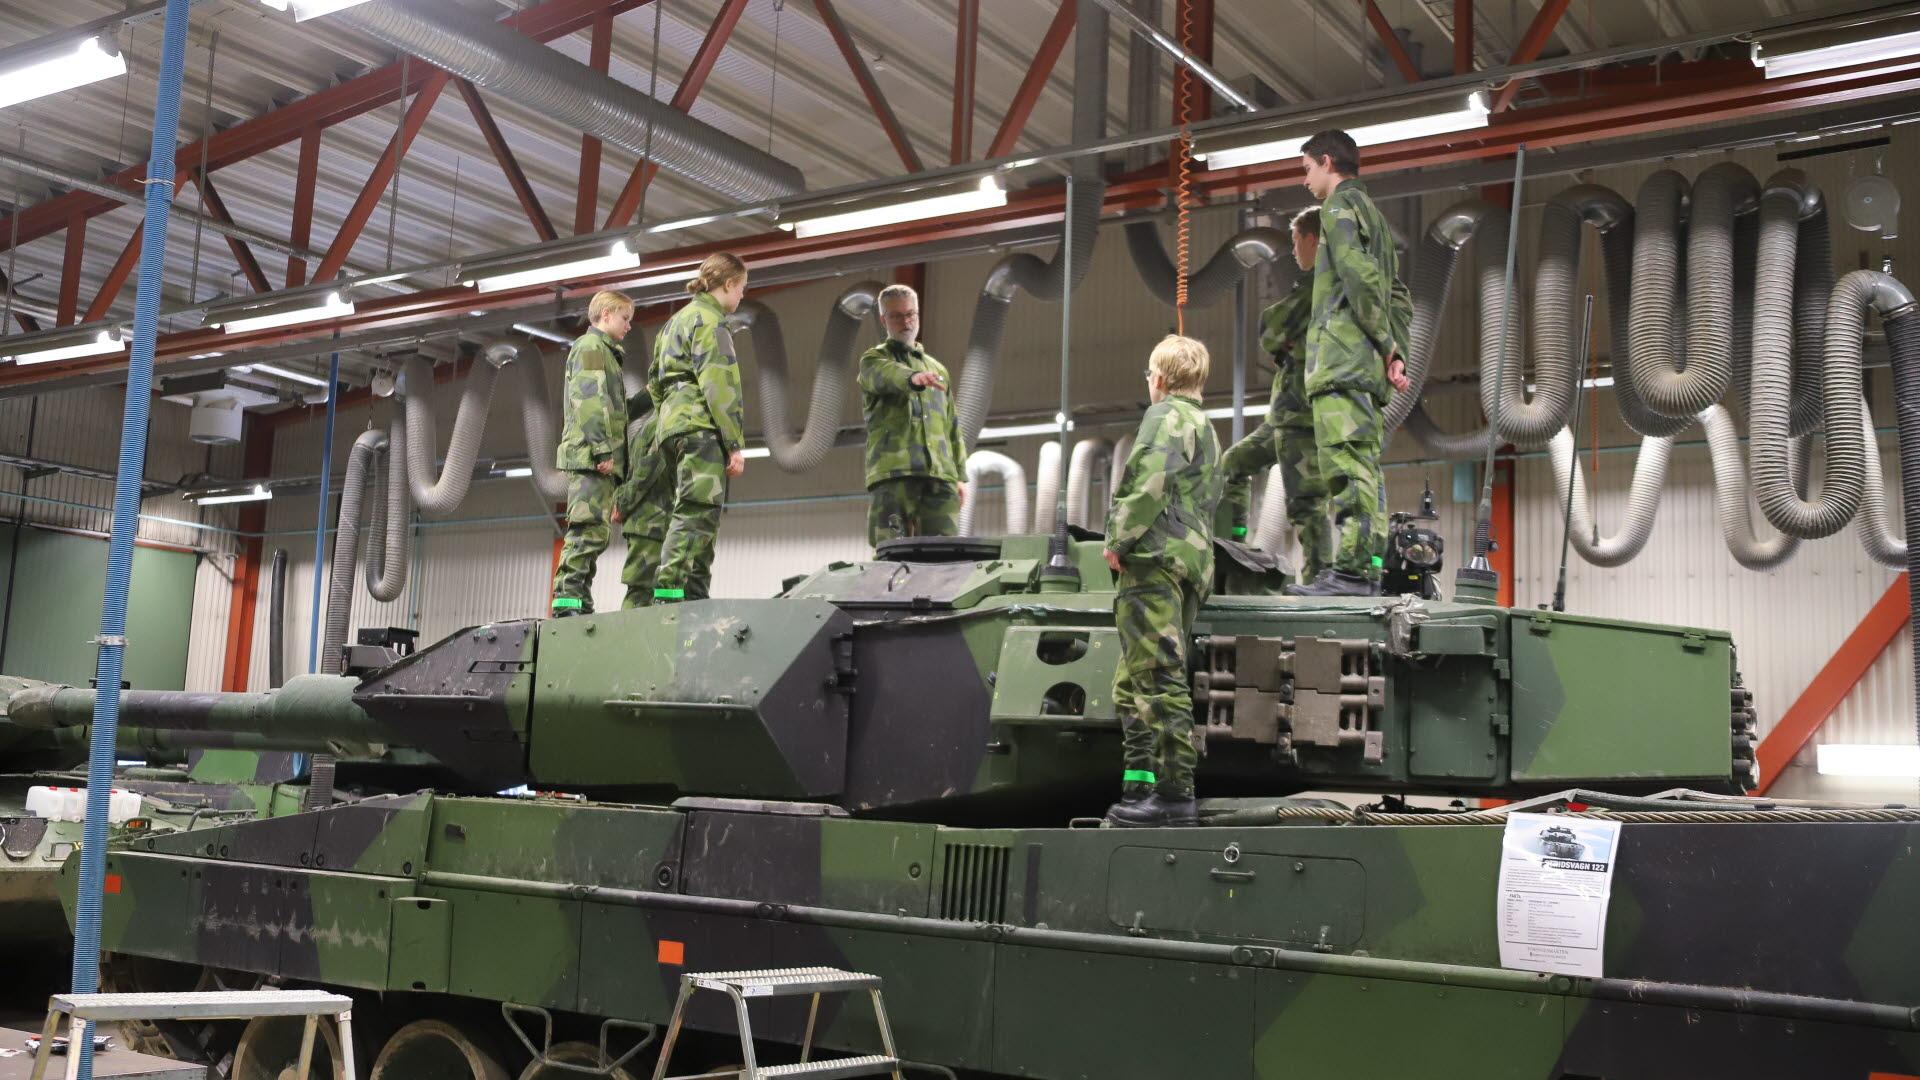 En inblick i arméns verksamhet Försvarsmakten